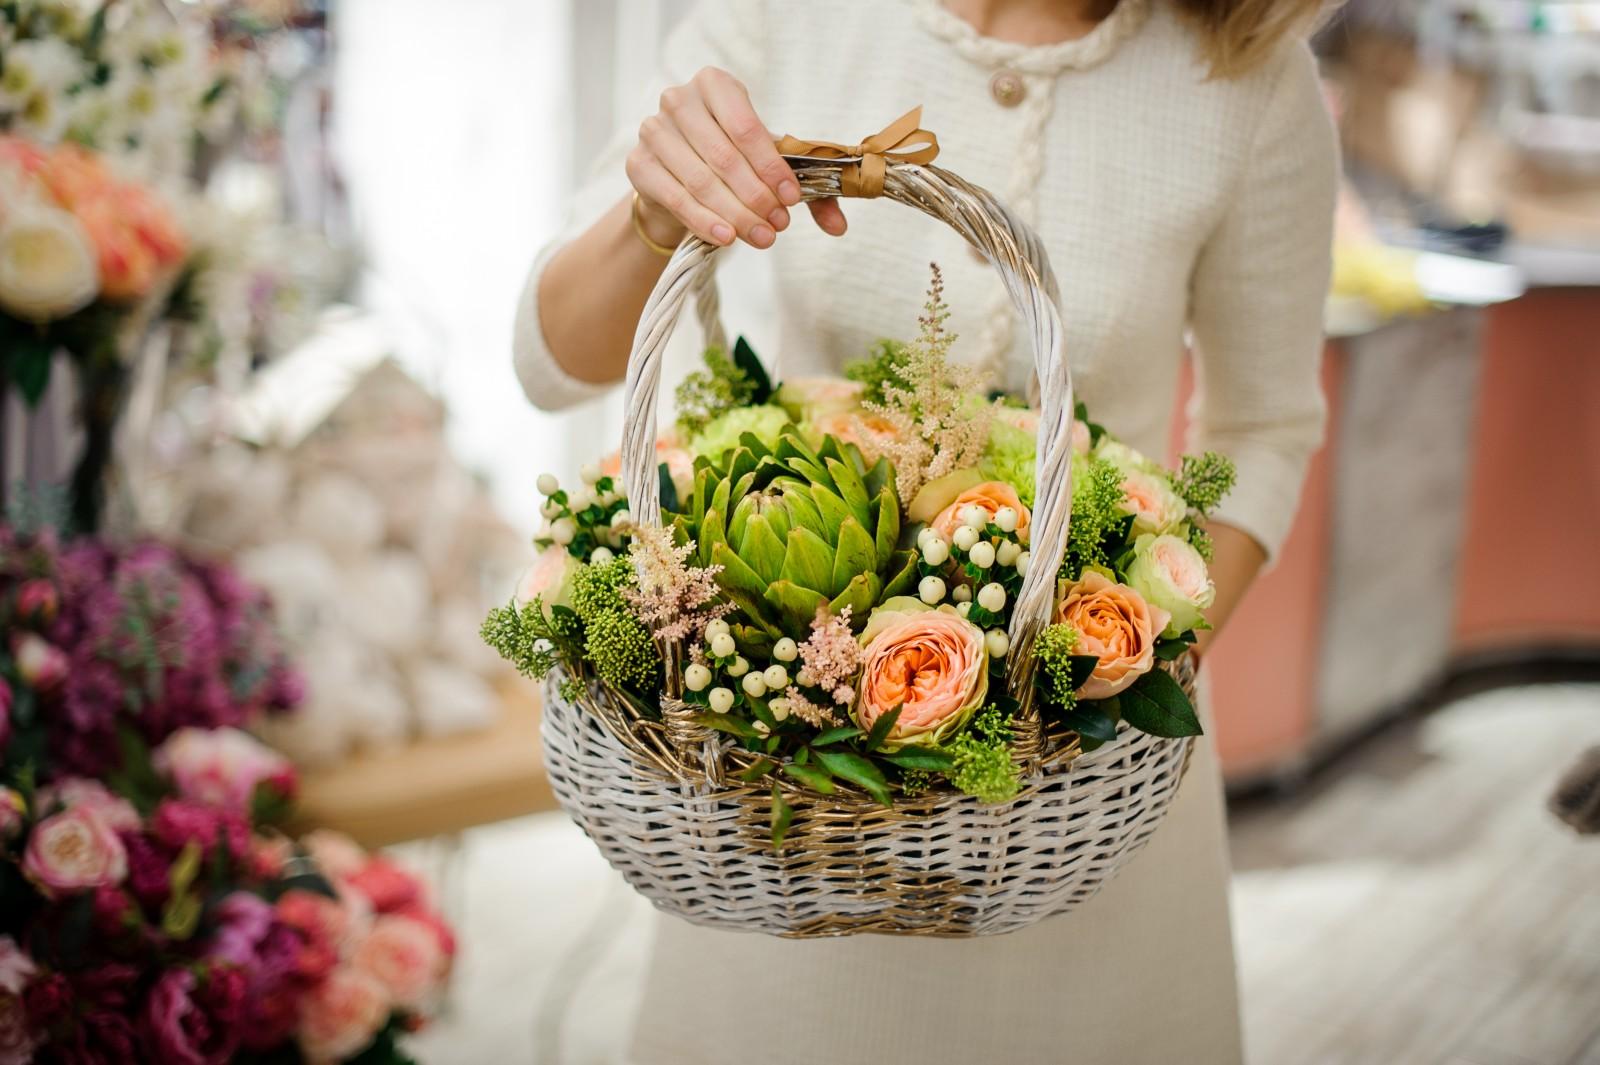 Киев доставка цветов 24 часа, круглосуточно ювао где